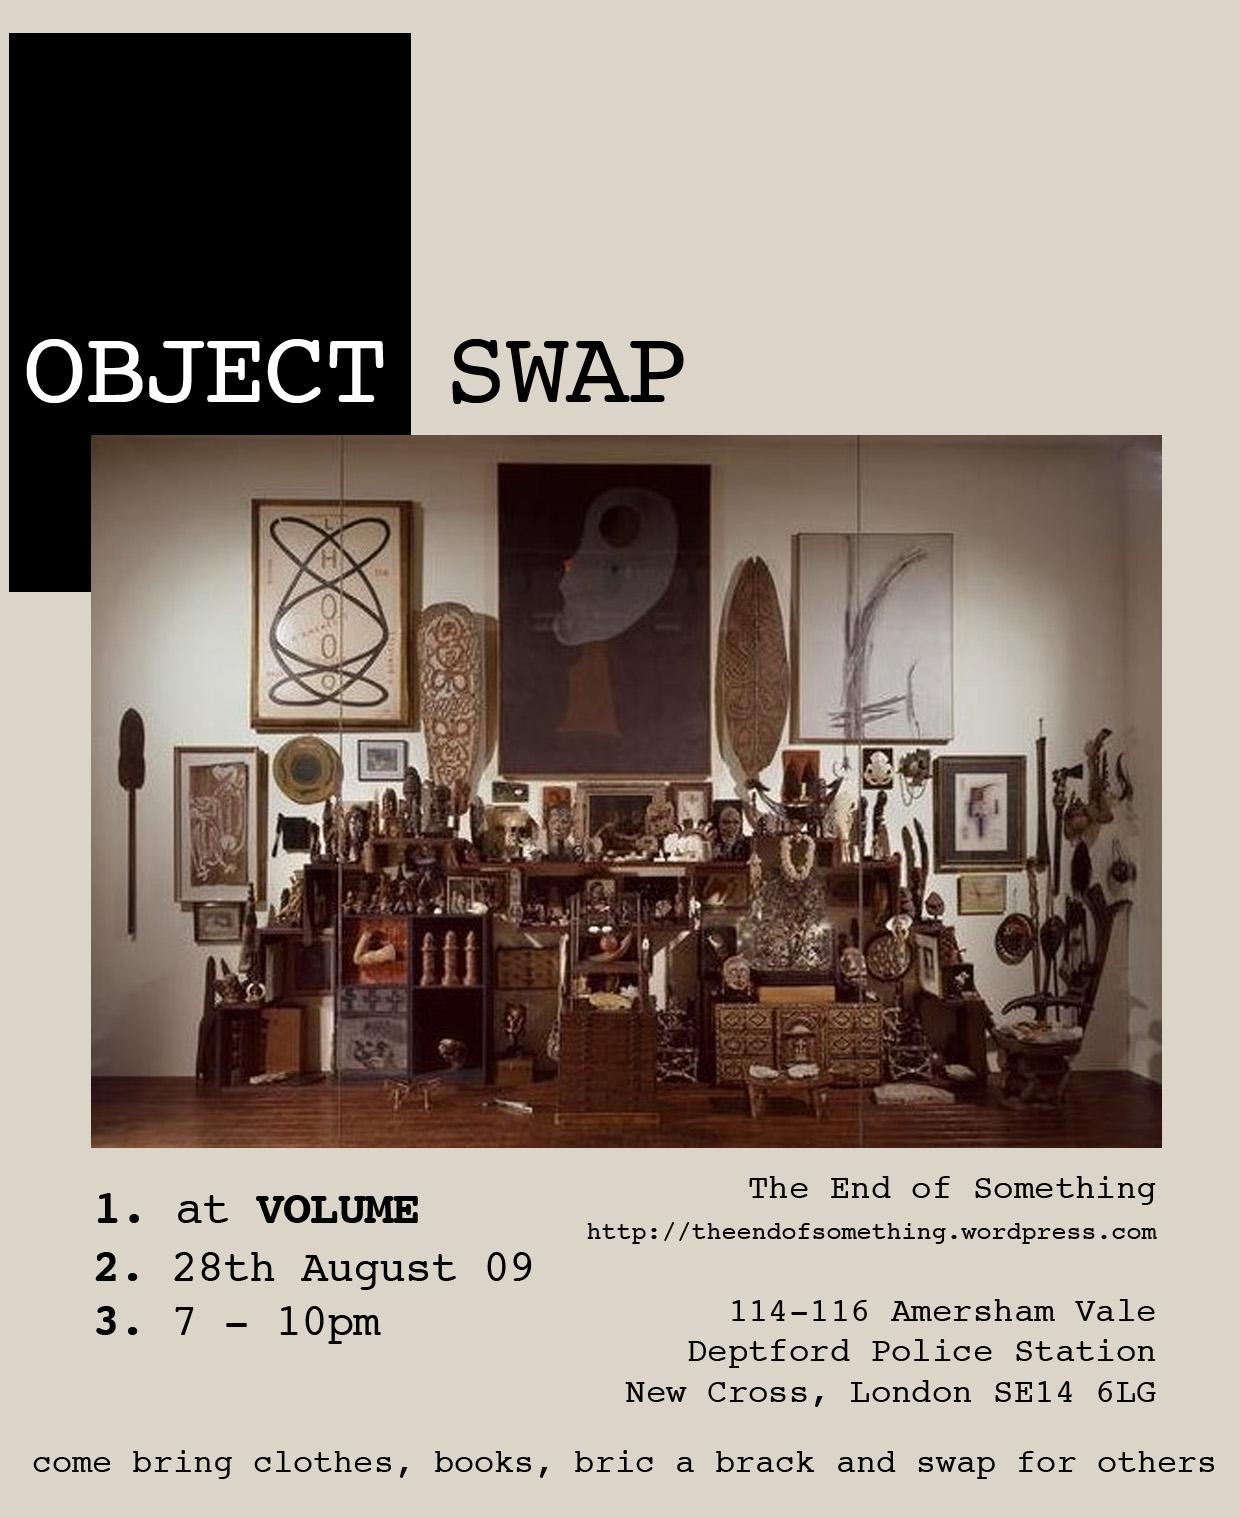 Object Swap